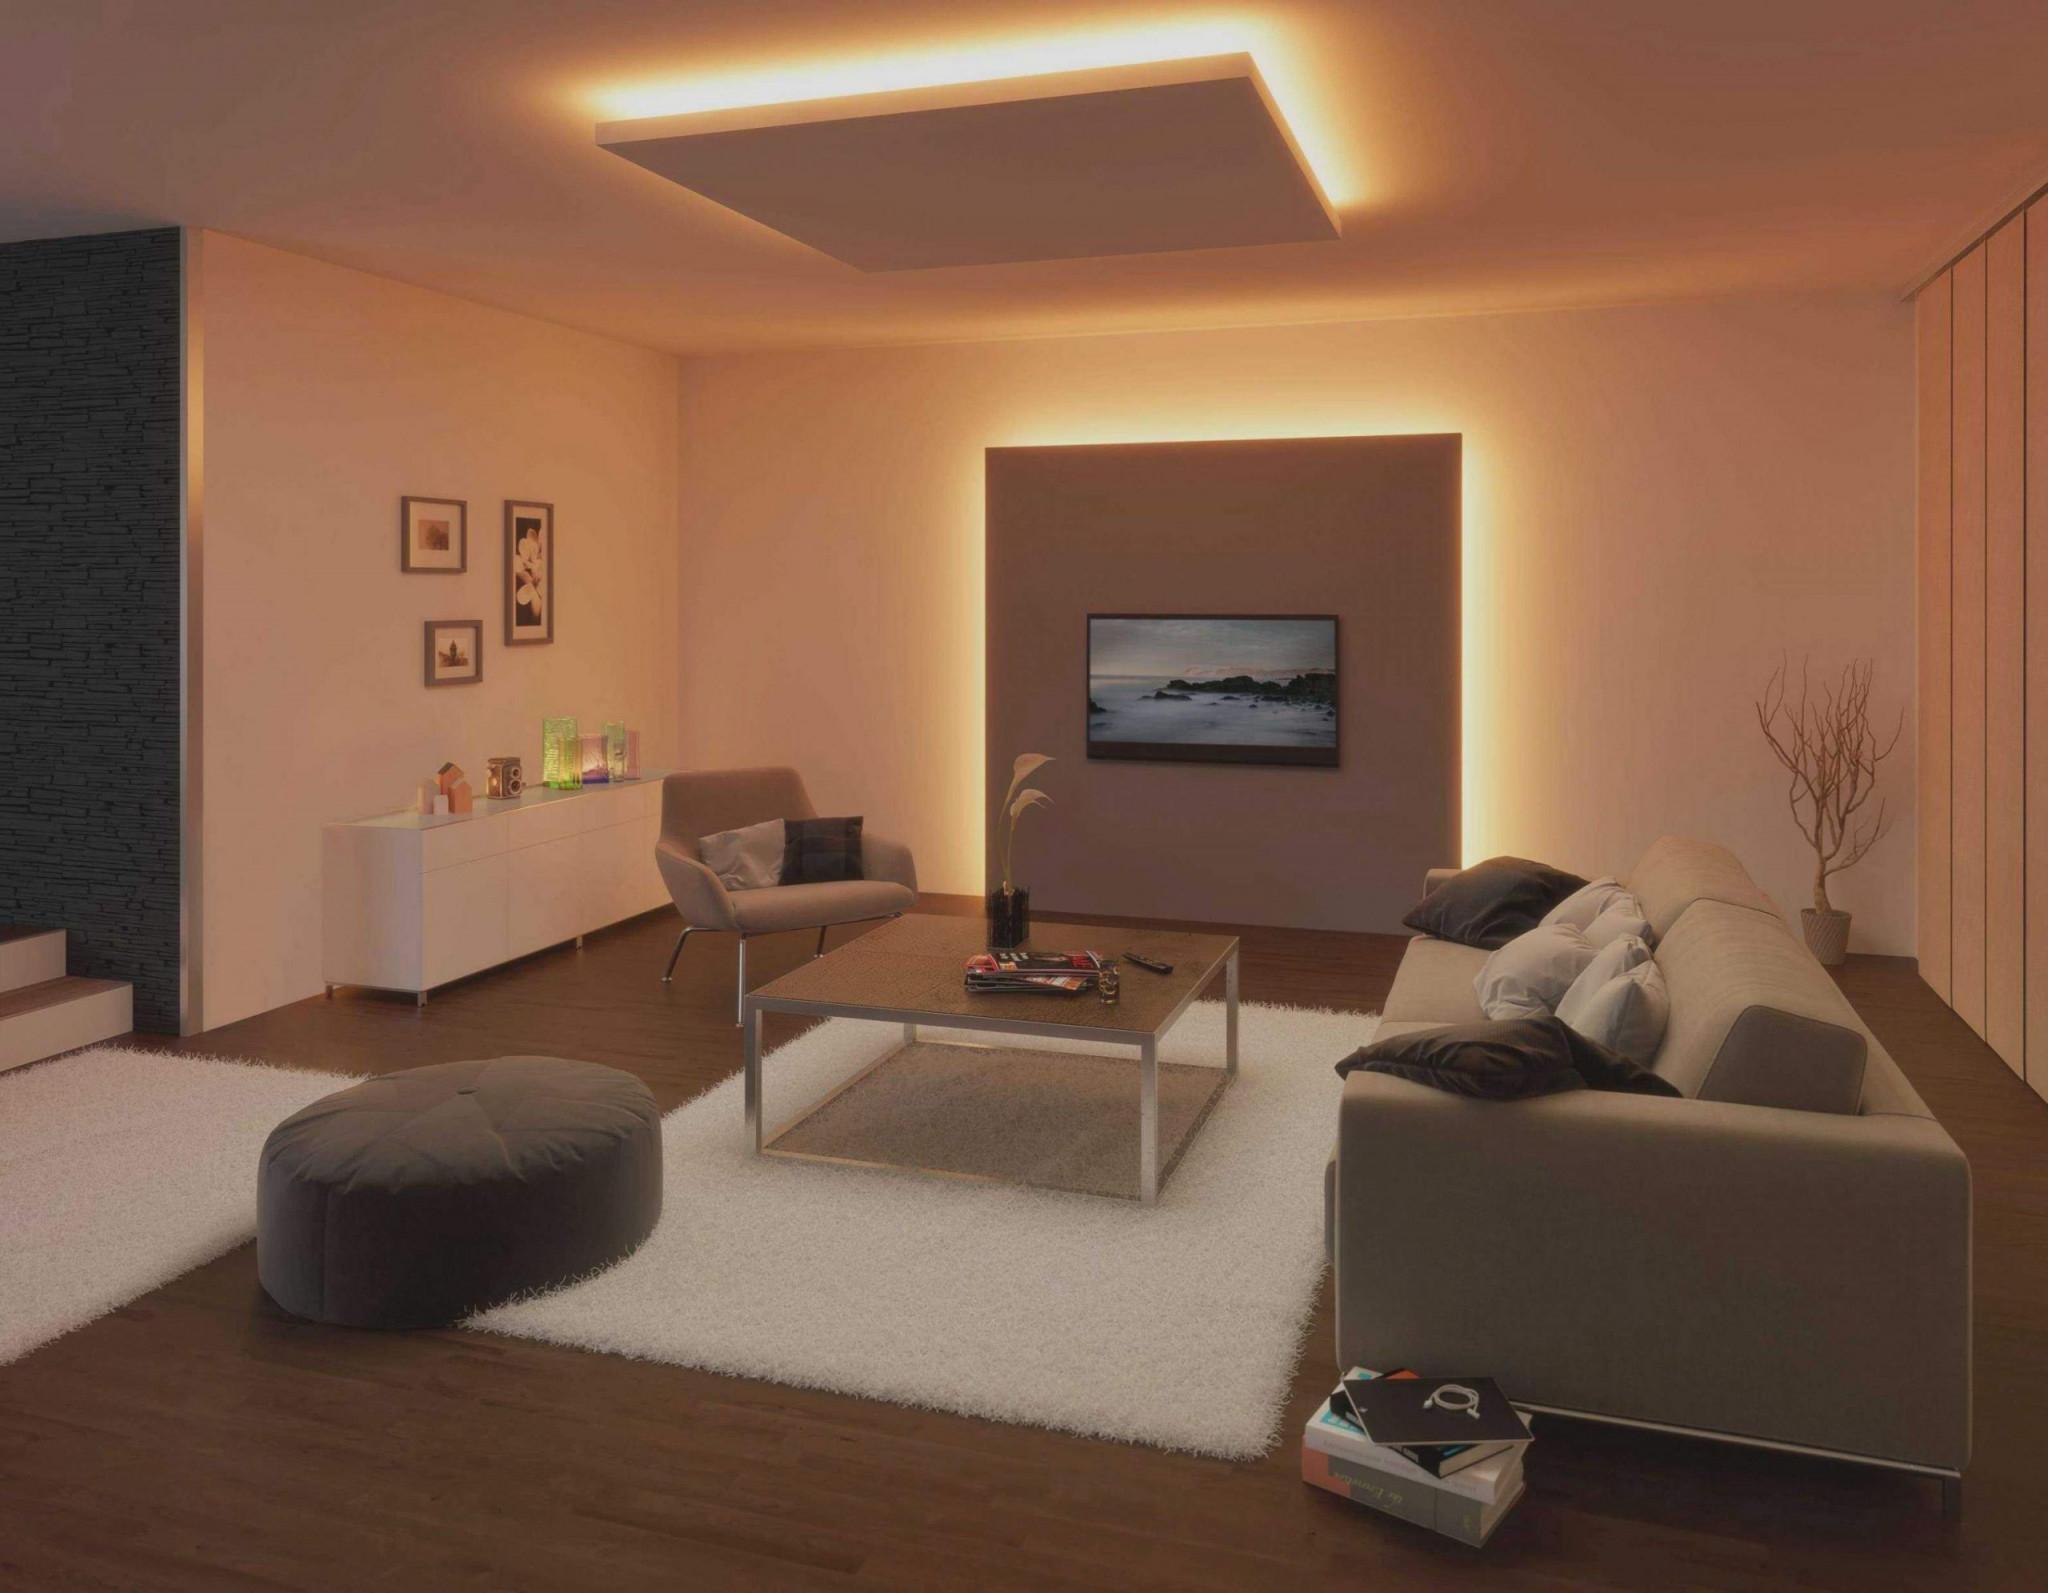 Wohnzimmer Decken Gestalten Das Beste Von Wohnzimmer Decke von Wohnzimmer Decken Gestalten Photo